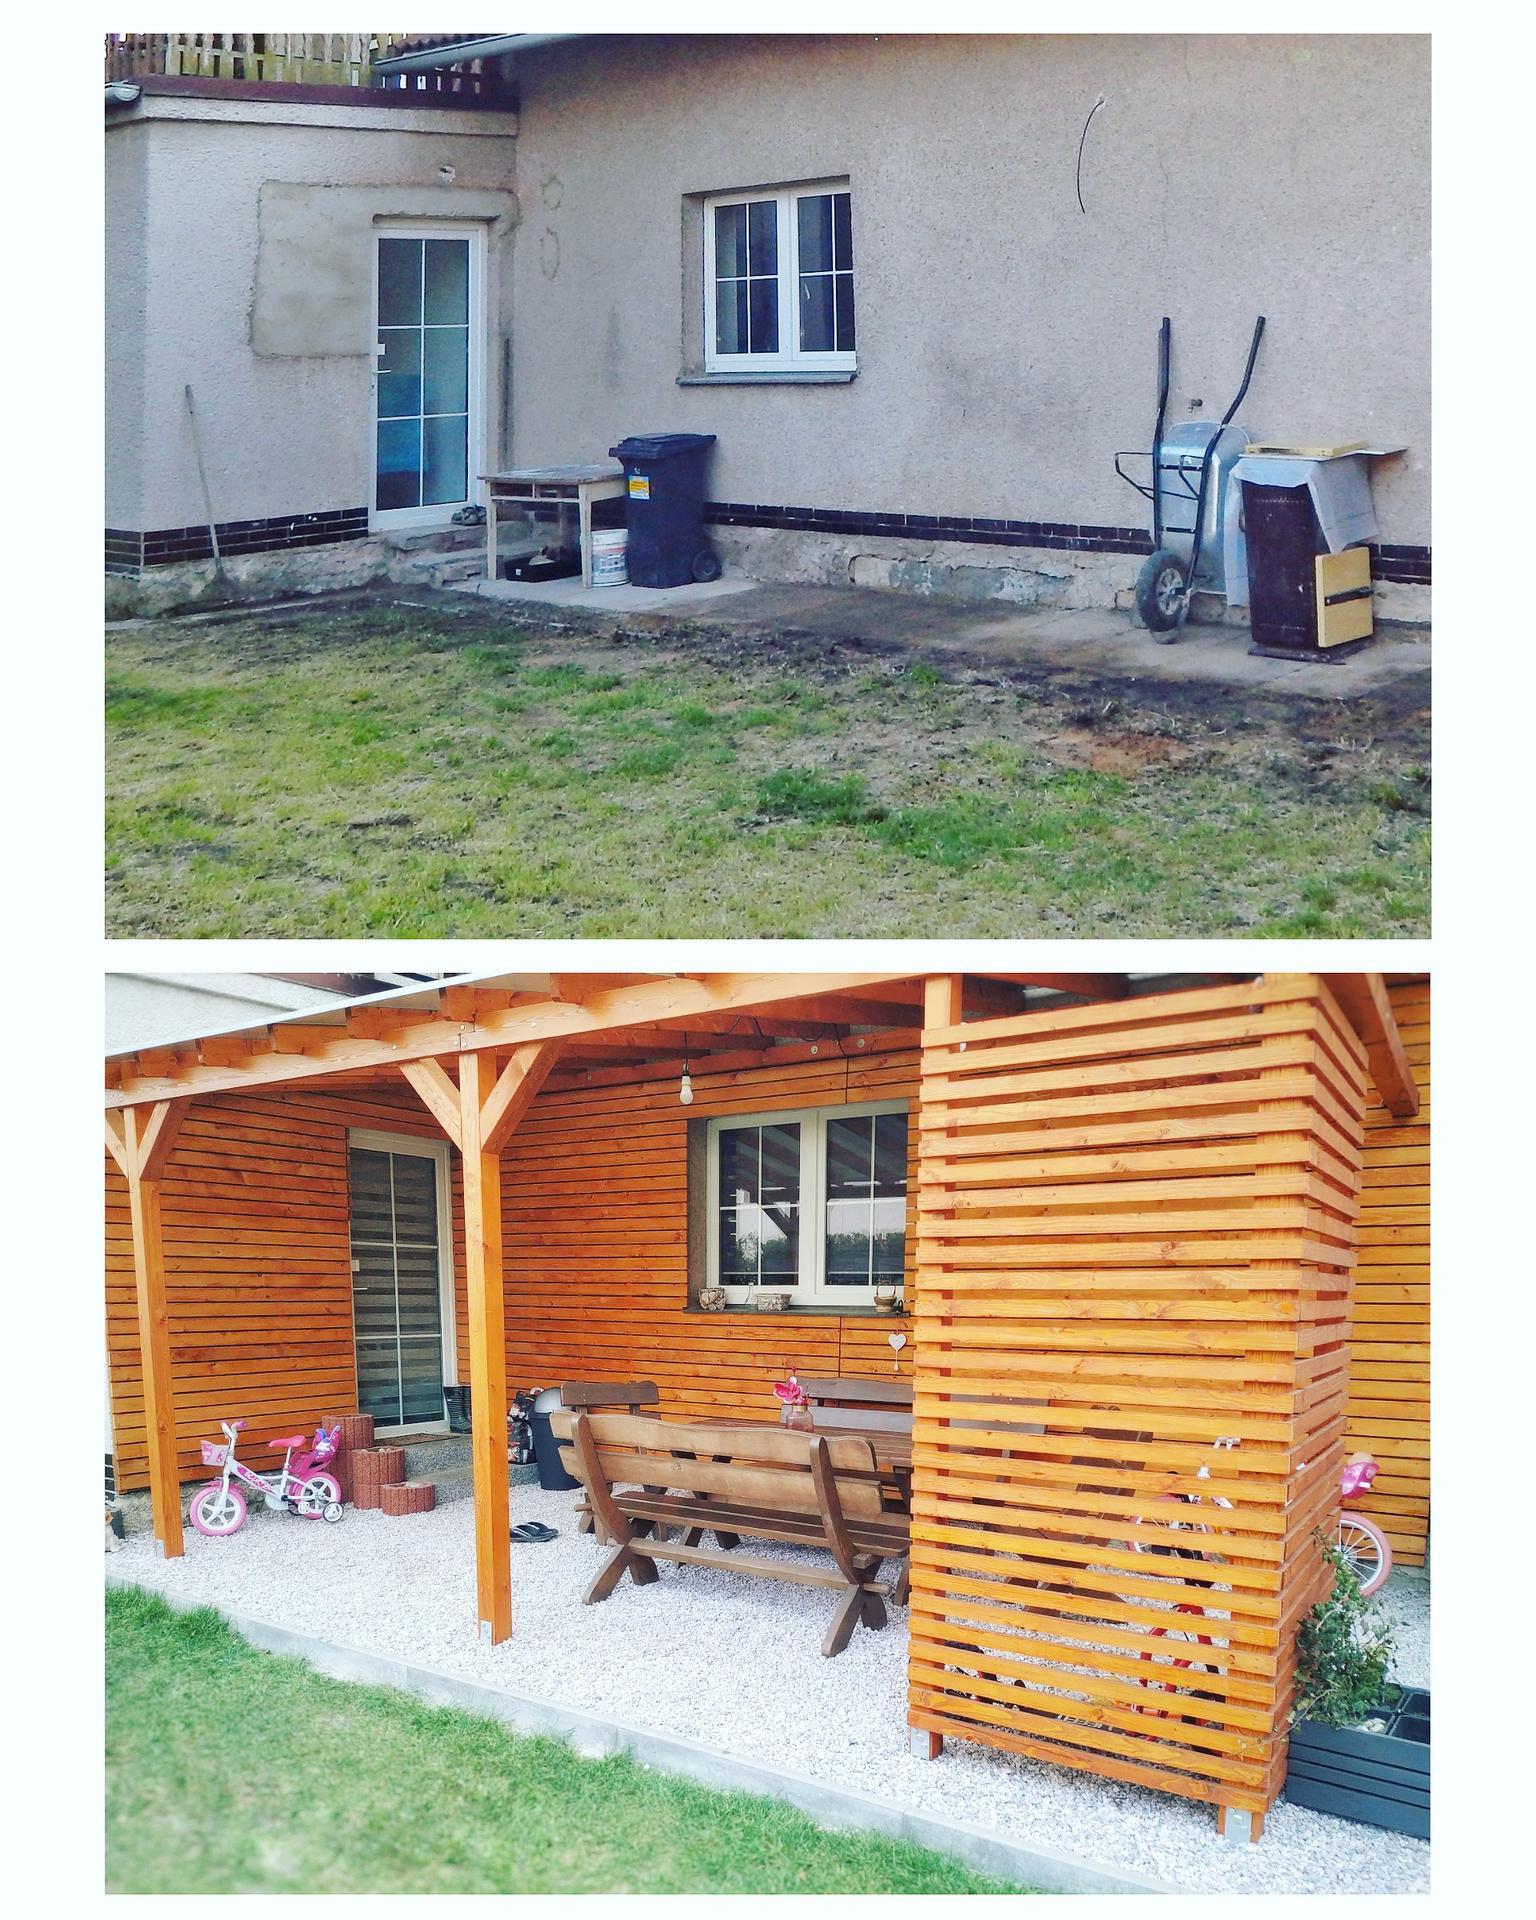 Když je Váš dům po několika letech uvnitř hotový a začínáte svépomocí venku. 🙏 🌿🌼 PŘED A PO 🌼🌿 - Obrázek č. 1